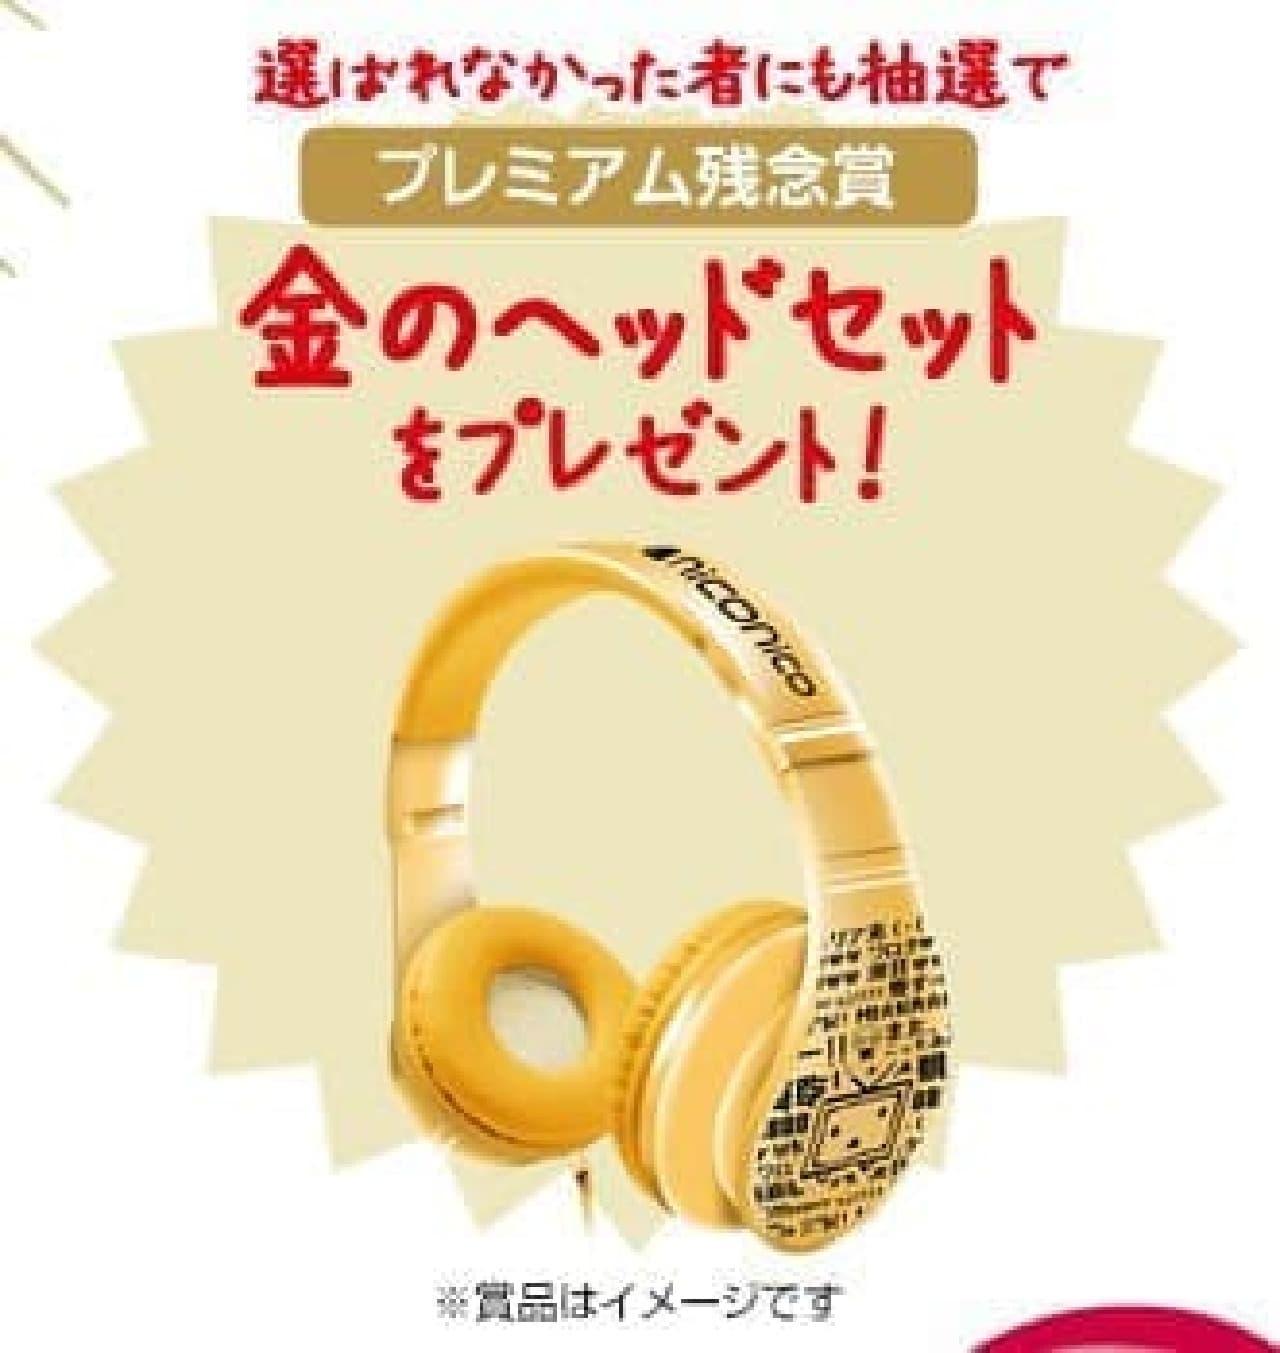 プレミアム残念賞の  「金のヘッドセット」